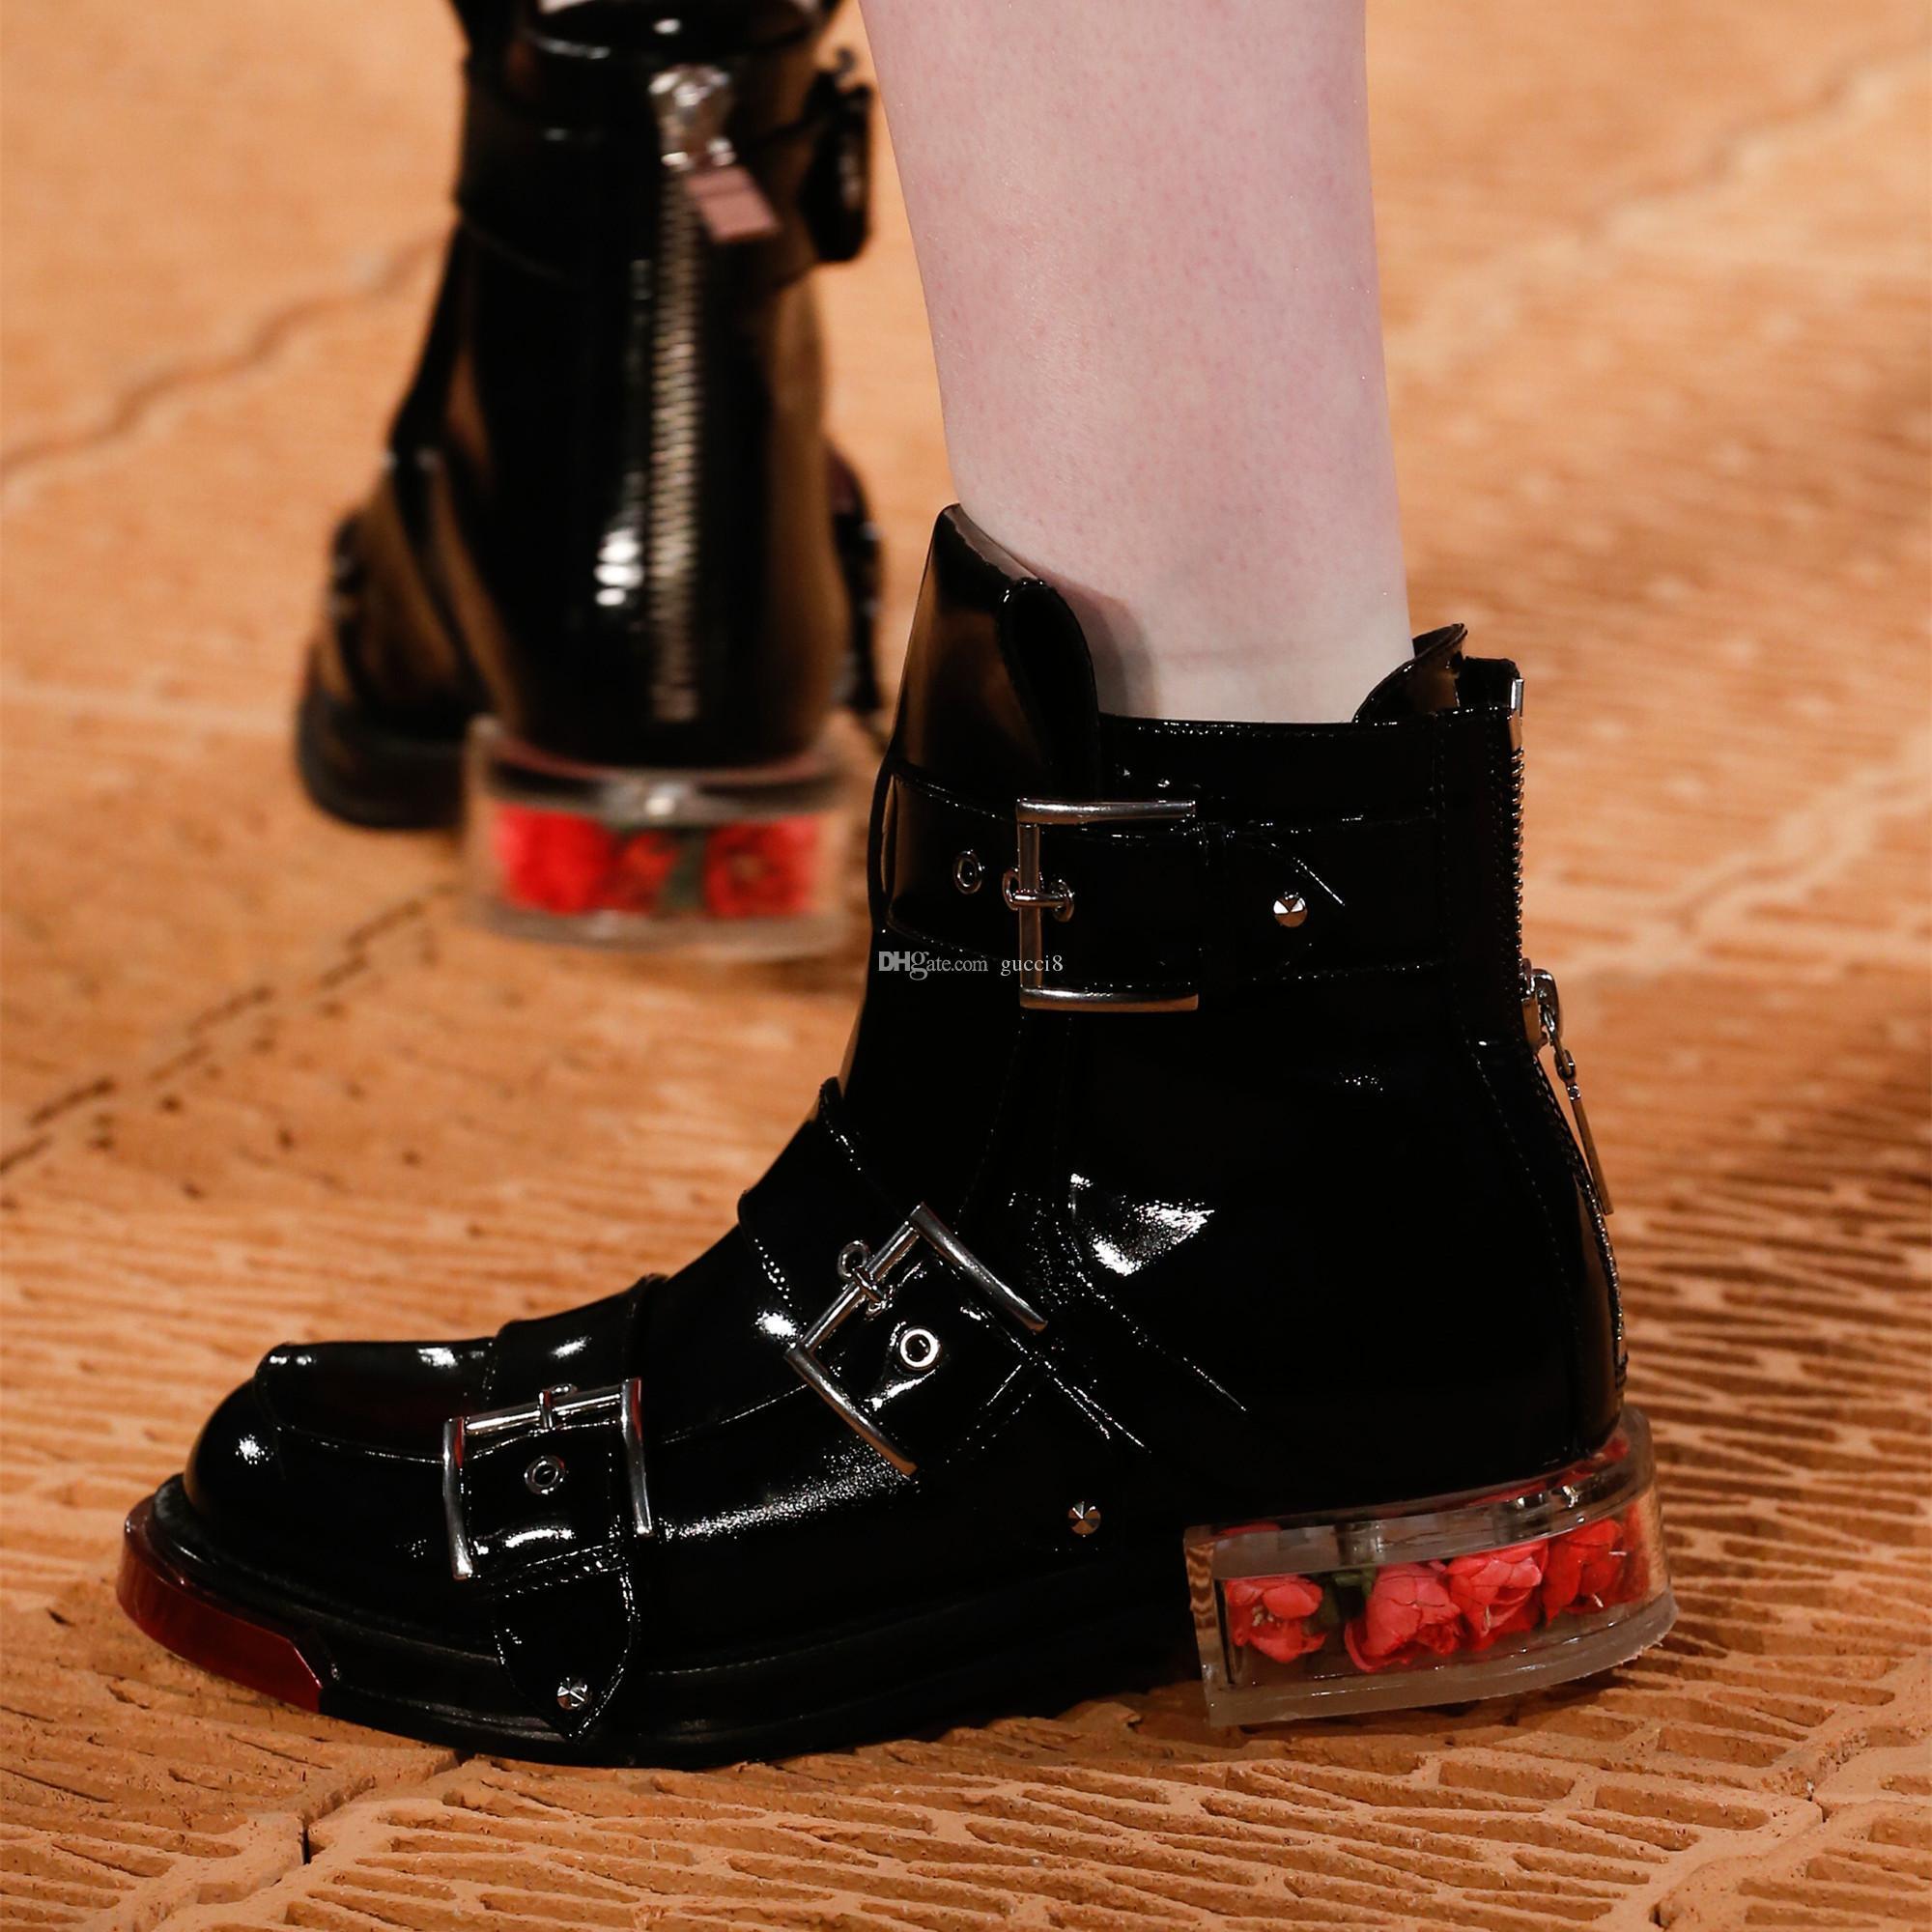 Queda Milan Inverno T Mostrar Transparant botas curtas étnico Ridding Bota Buckle Martin Shoes